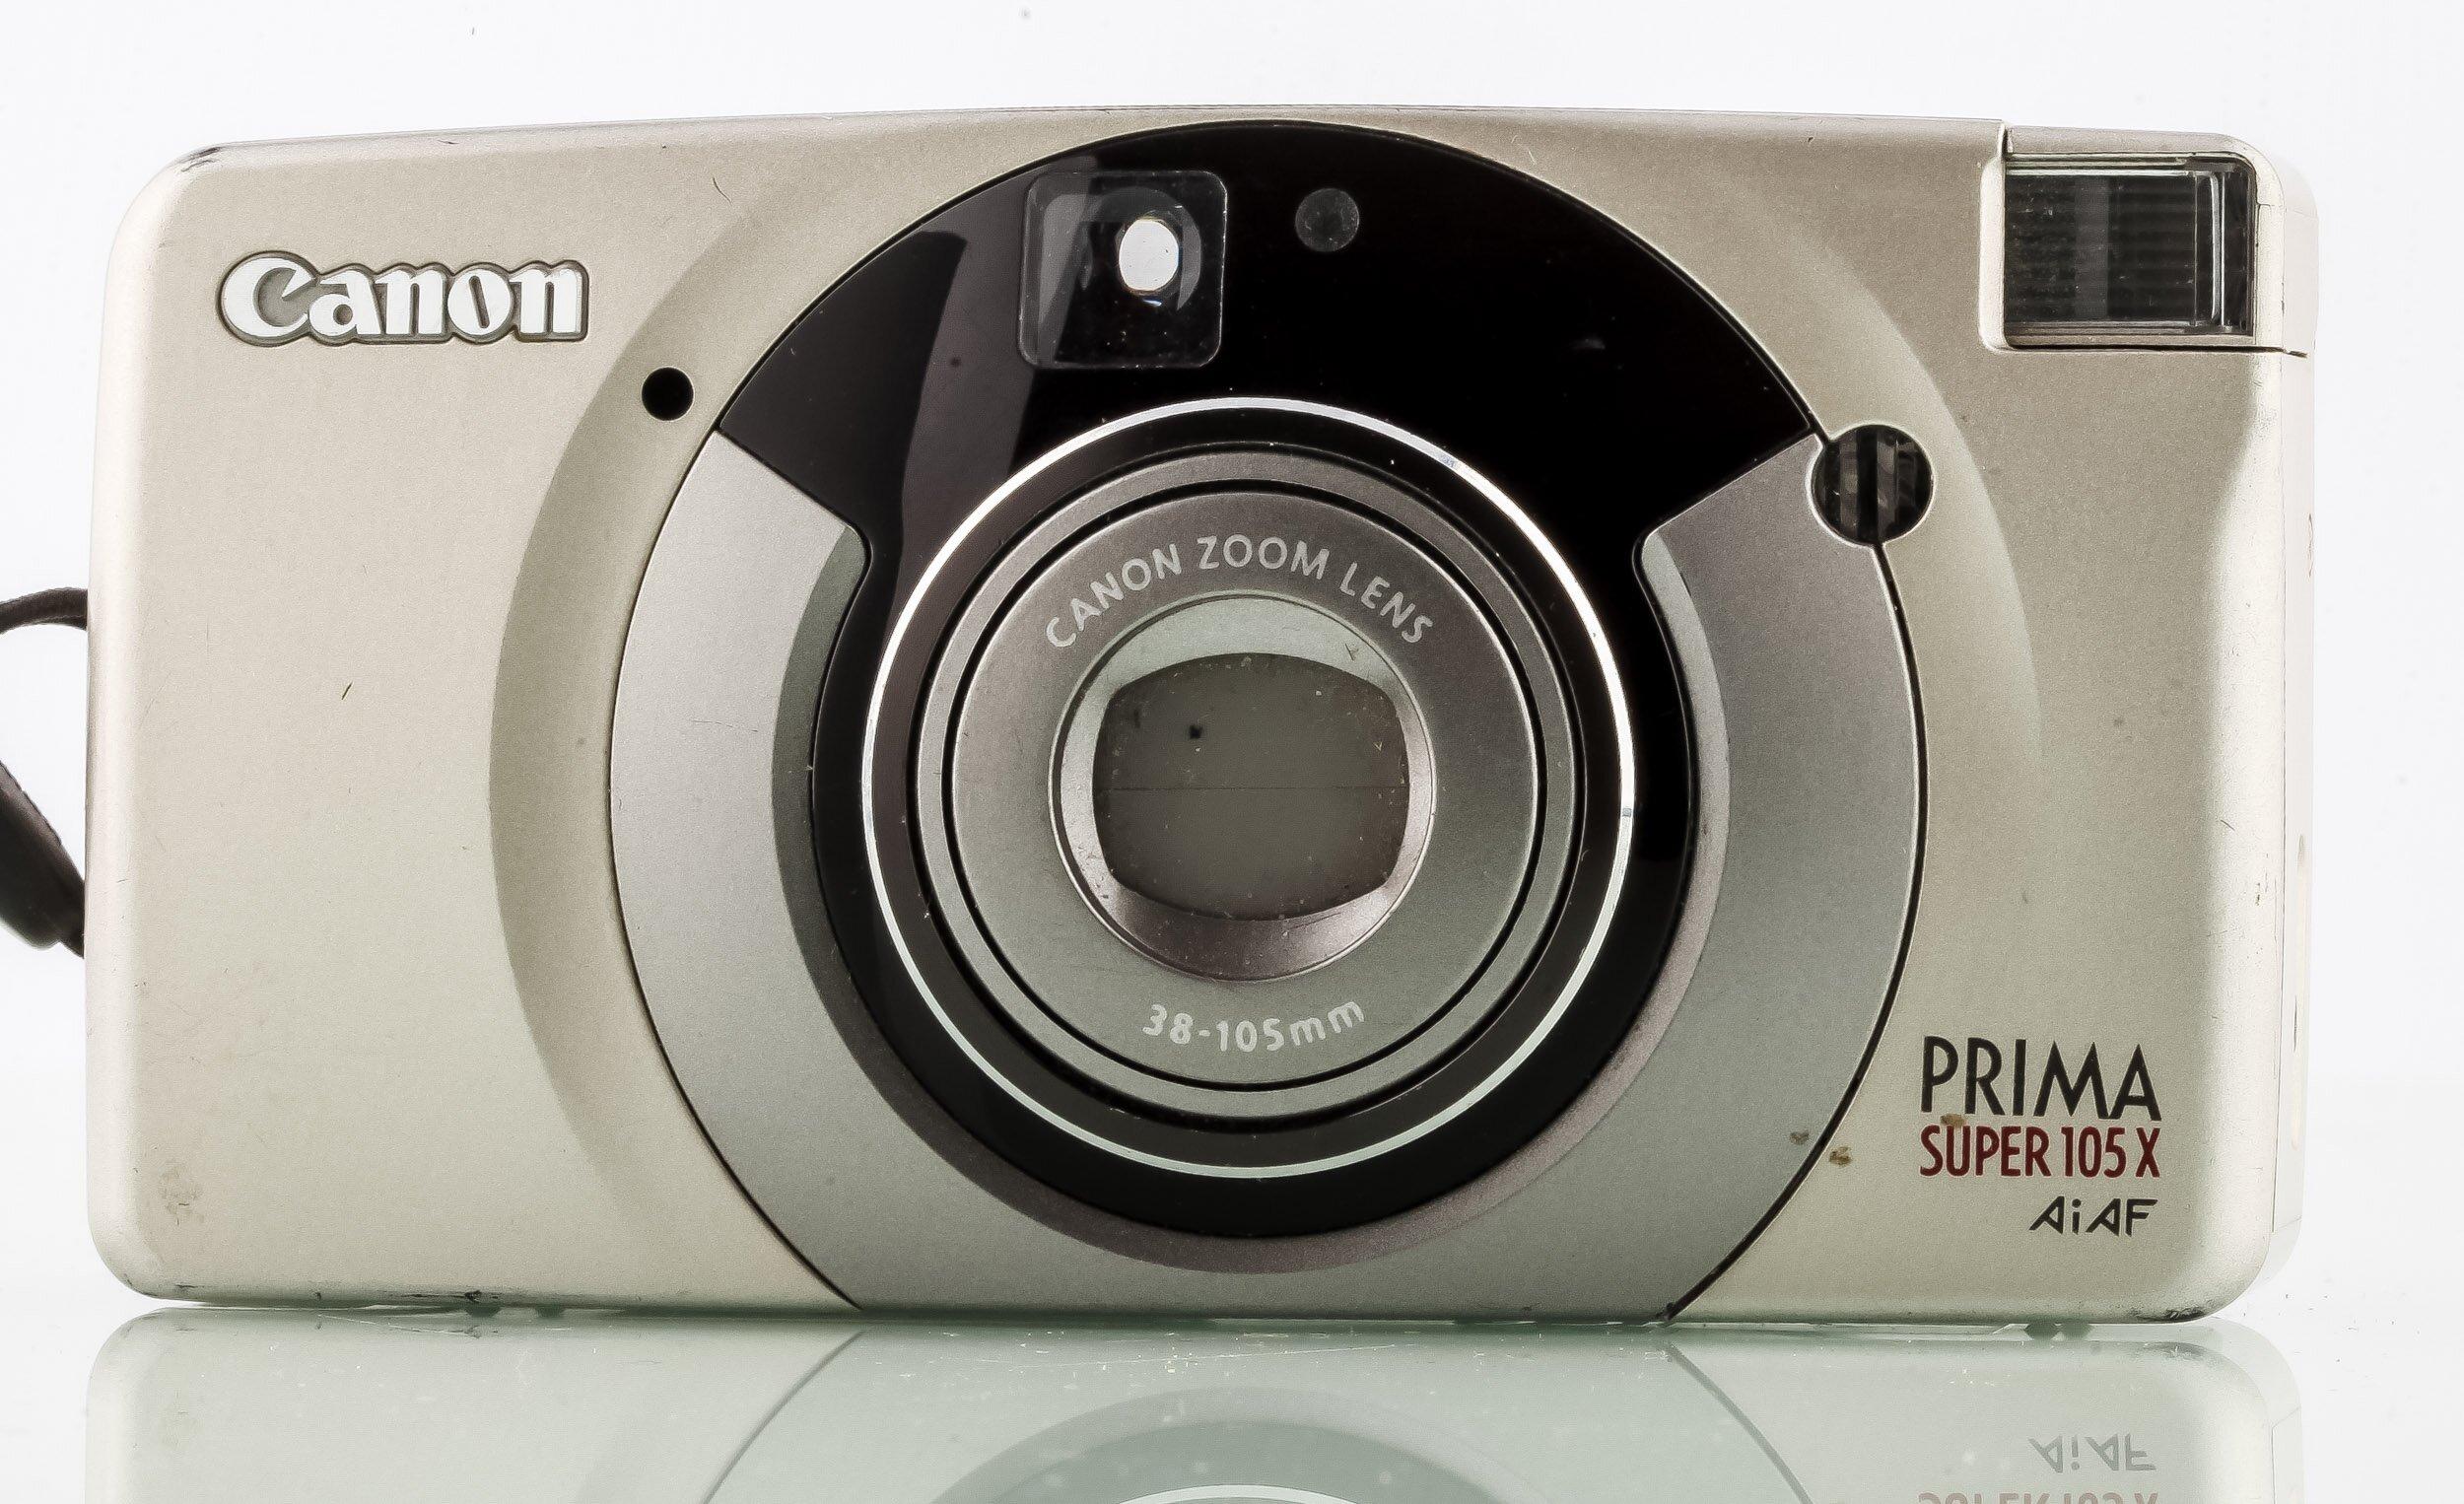 Canon Prima Super 105 X